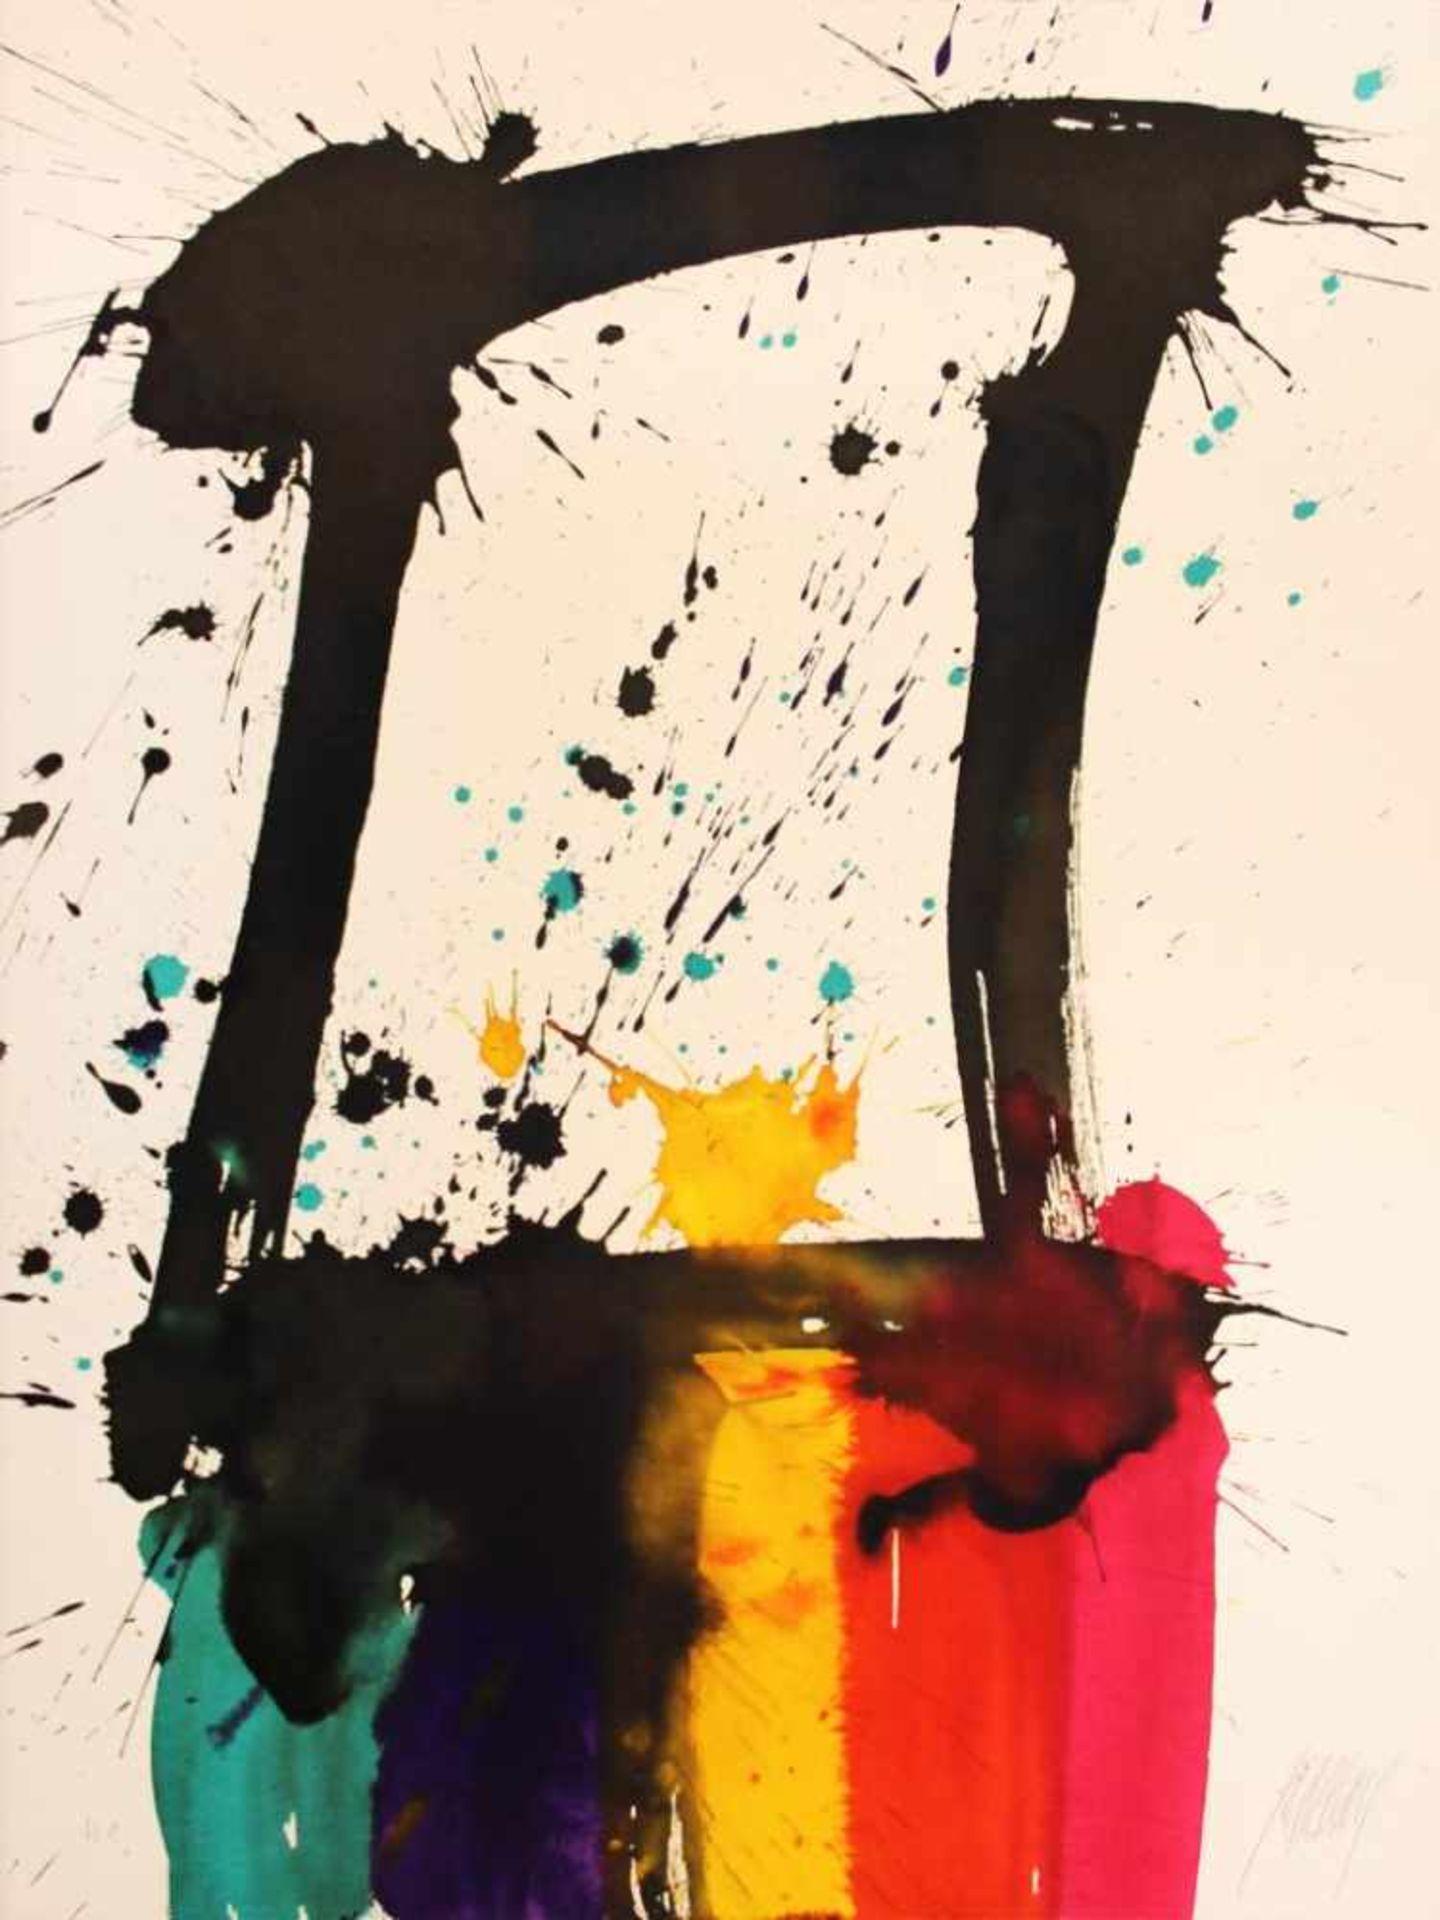 Prachensky Markus (1932-2011) Etruria meridionale (schwarz) 2012 Farblithographie stempelsigniert